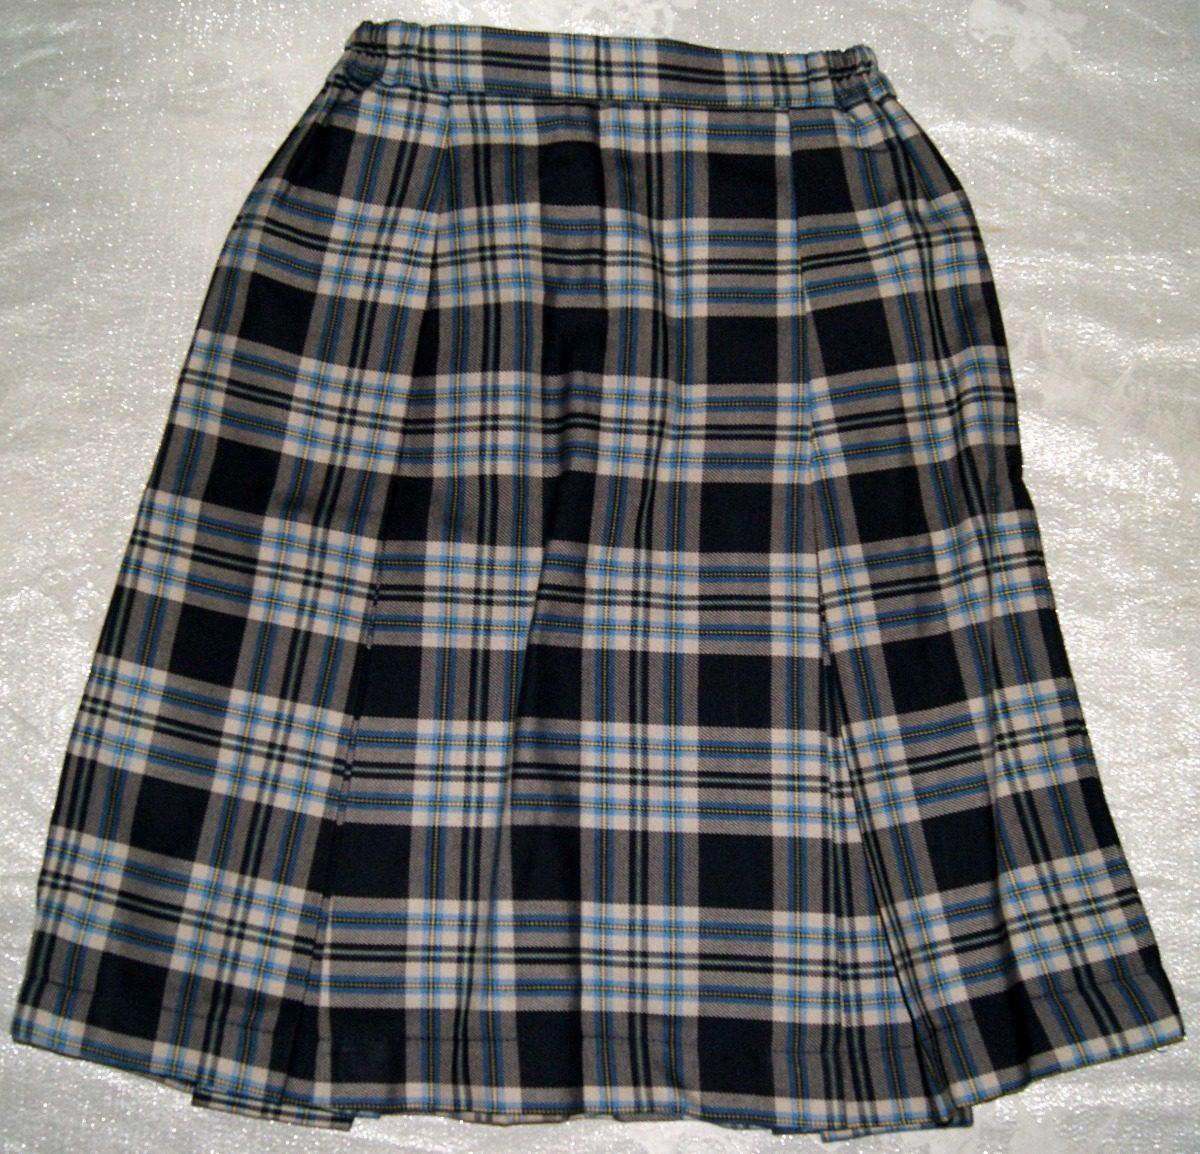 bb817068bc470 Falda Tableada Escolar Escocesa Talla 10 Niña Envio Incluido ...